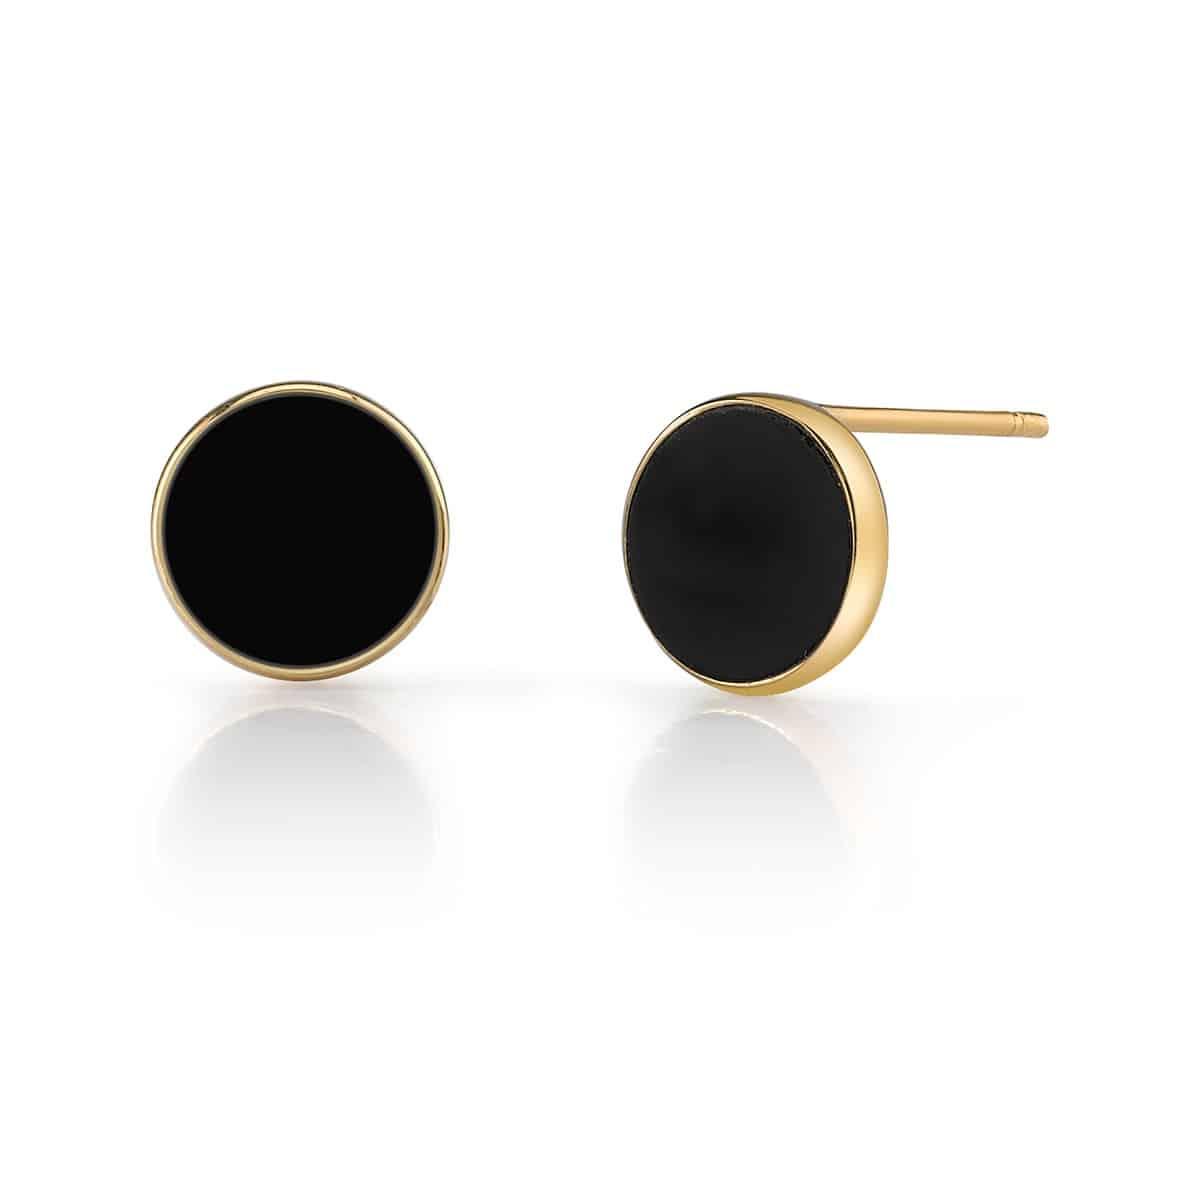 MS5-Mars_Stud_Earrings-Ele-Keats-Mom-Gifts-Cococozy